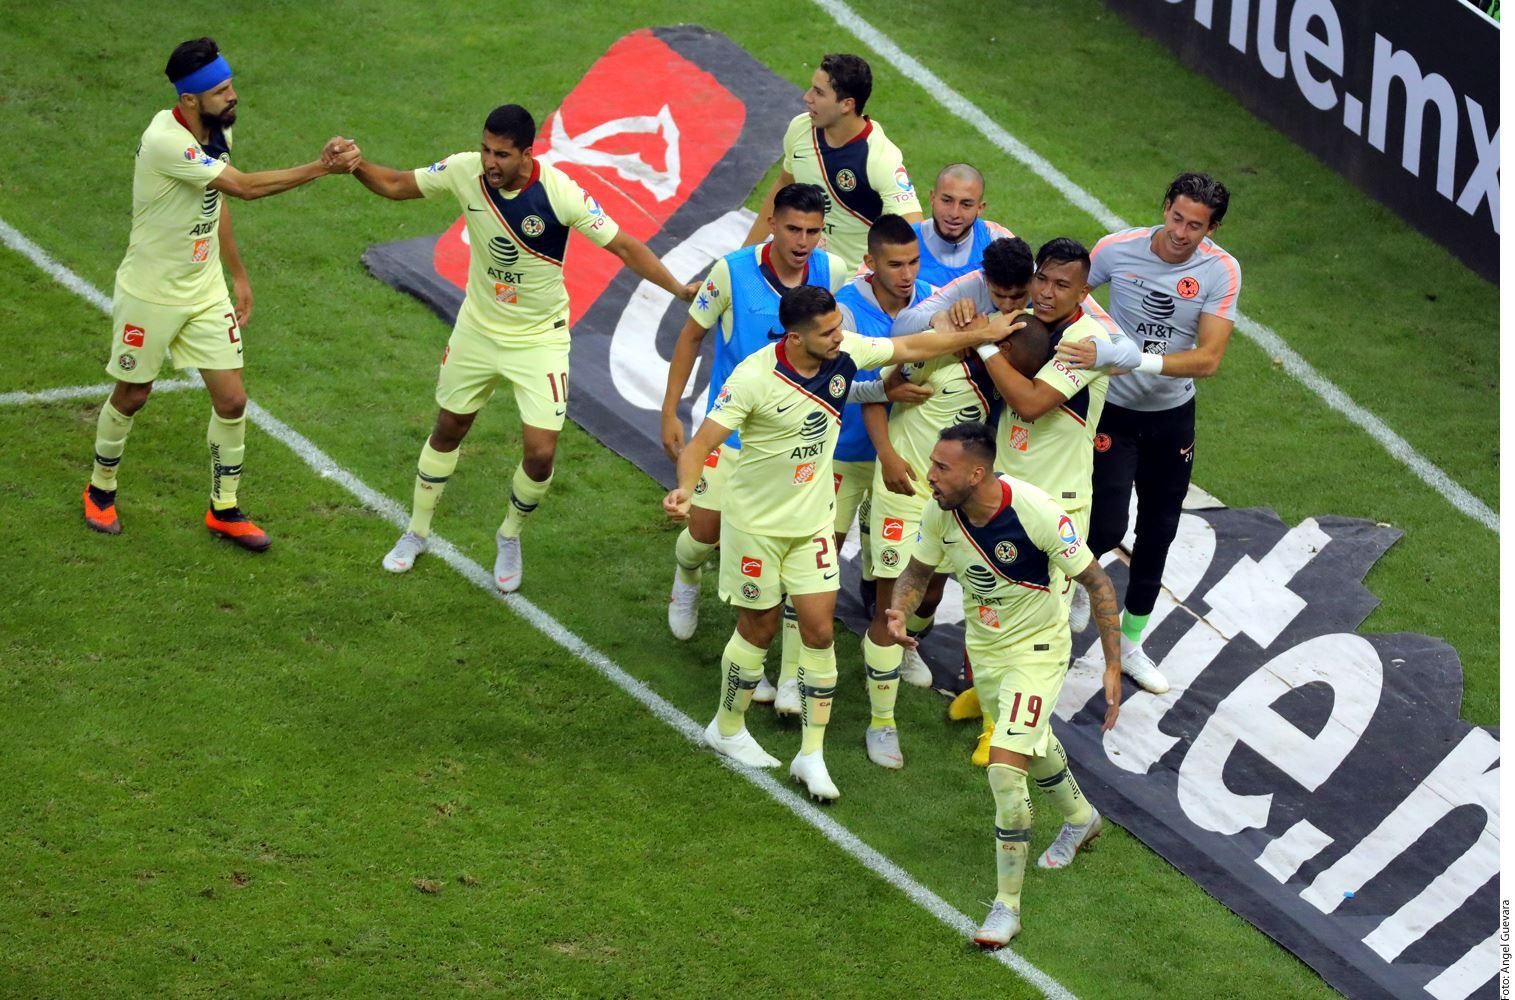 El empate 1-1 ante Guadalajara fue sólo el inicio de la curva de partidos más complicada que tendrán las Águilas en lo que resta del Apertura 2018.